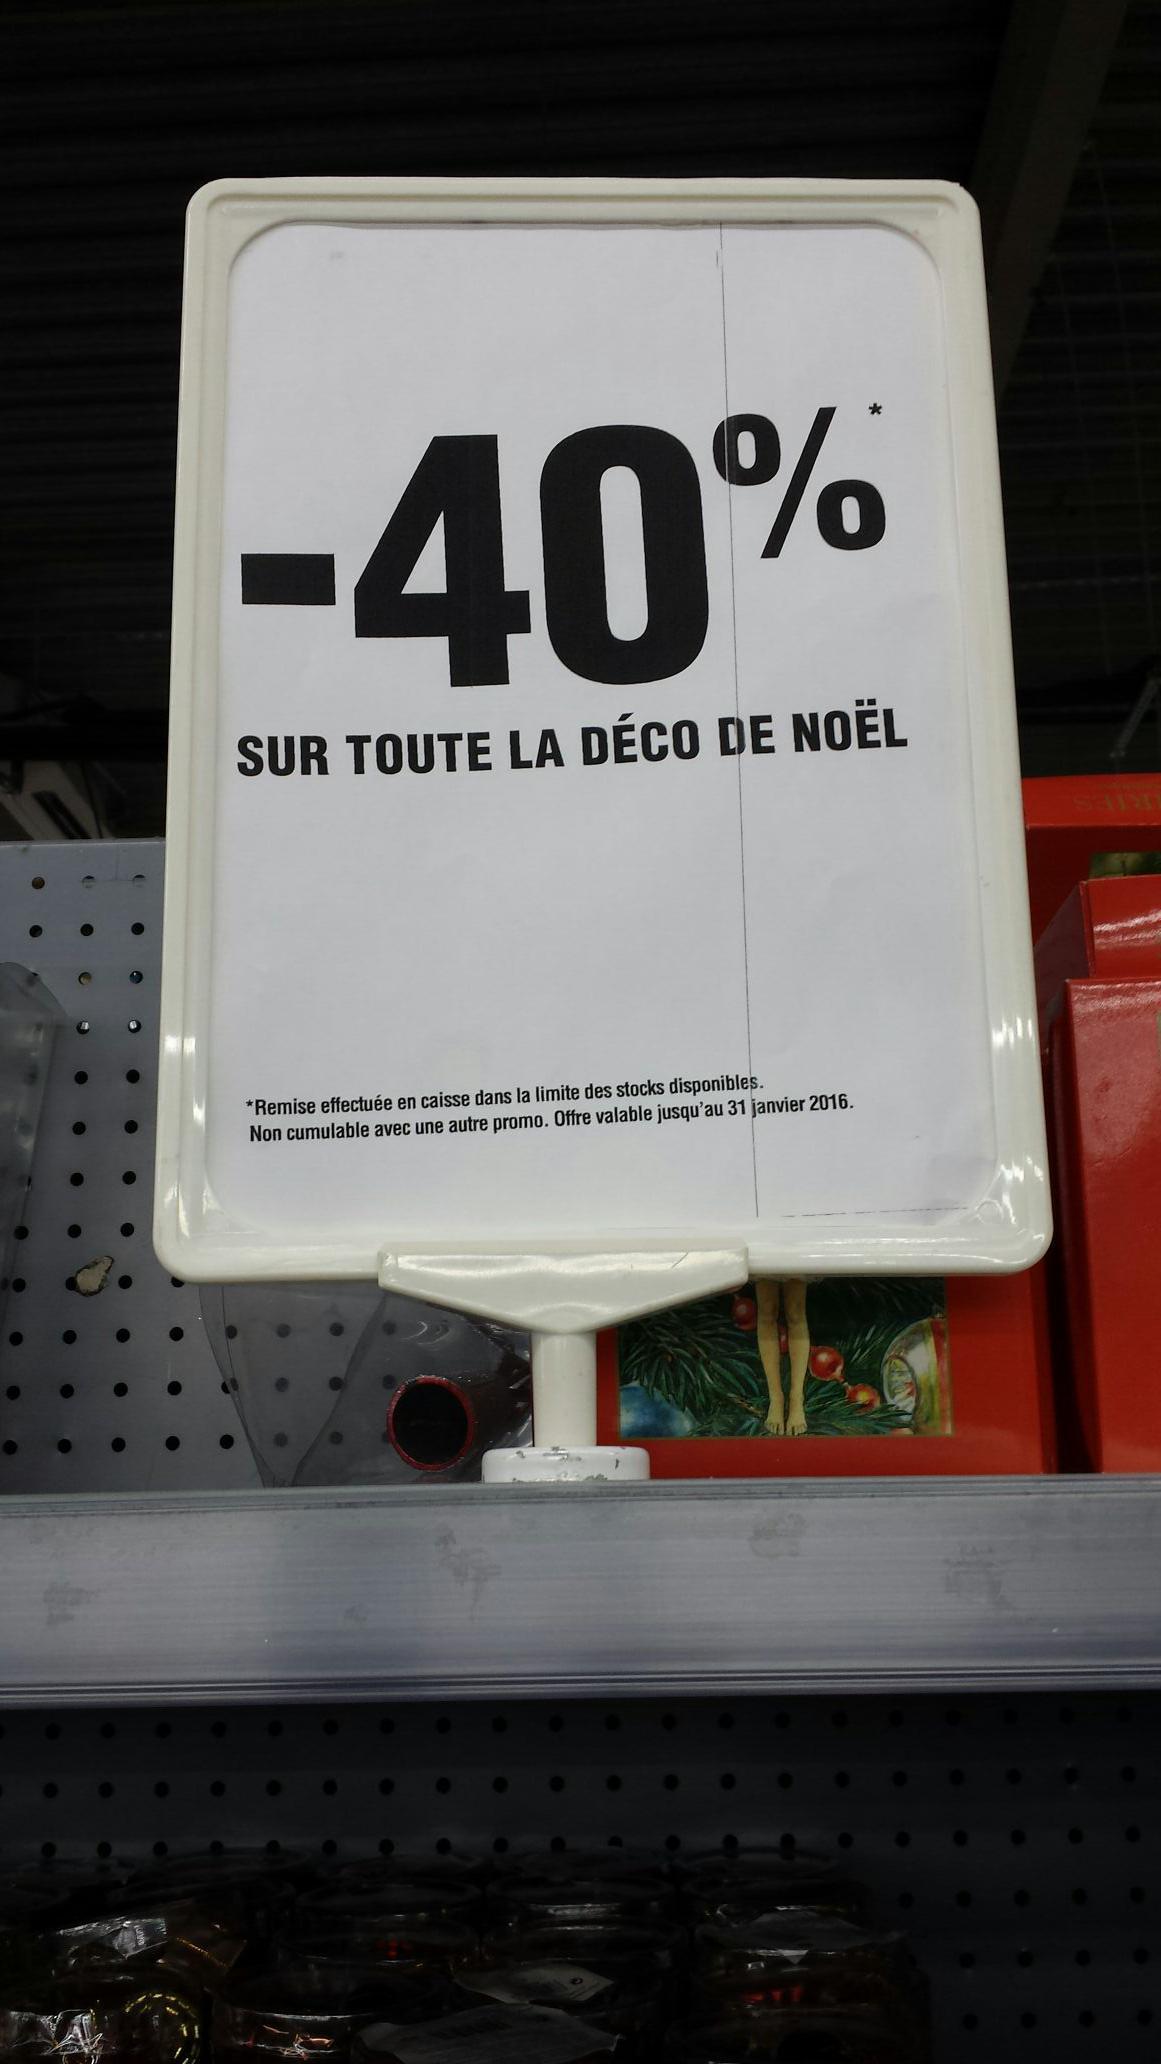 40% de réduction sur toutes les décorations de Noël